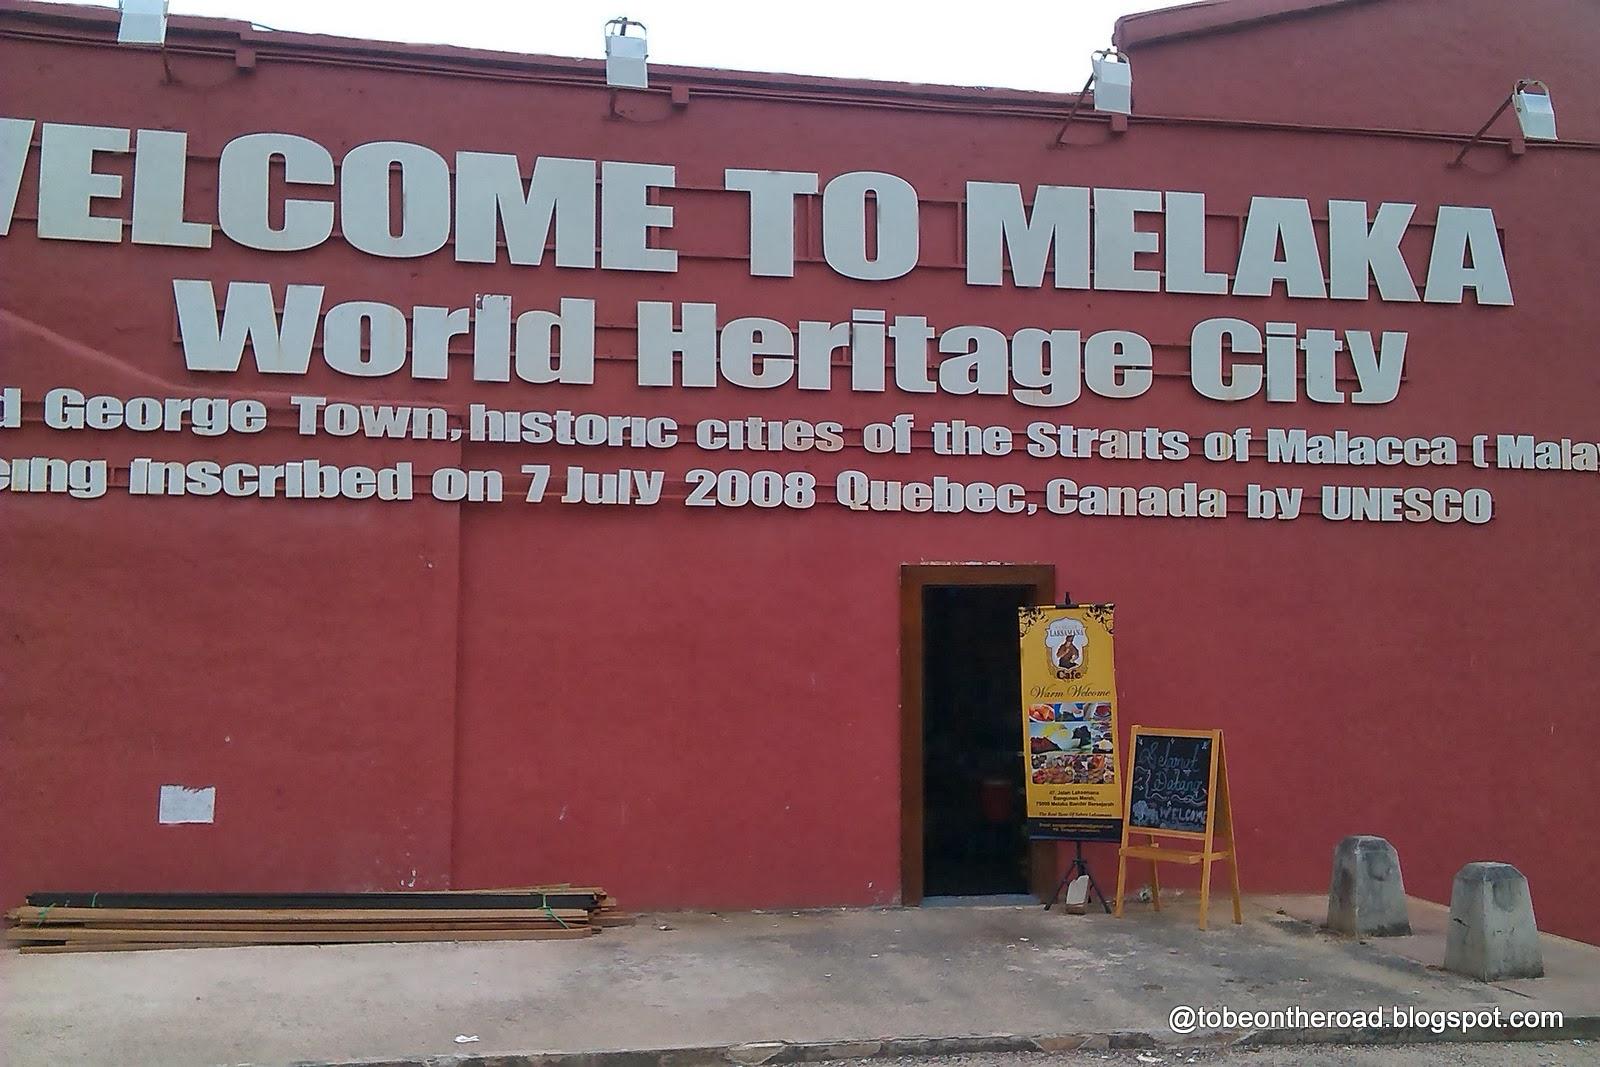 Heritage,UNESCO